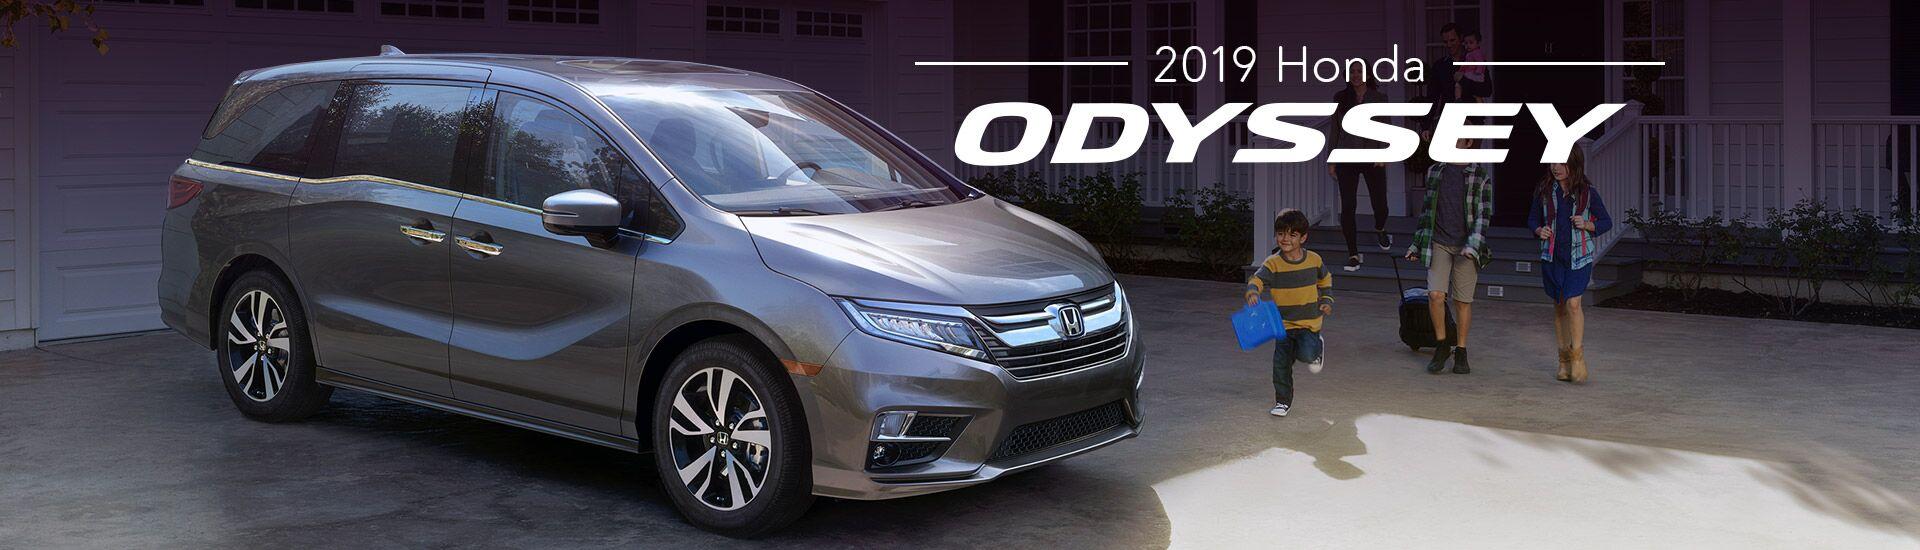 2019 Honda Odyssey Civic